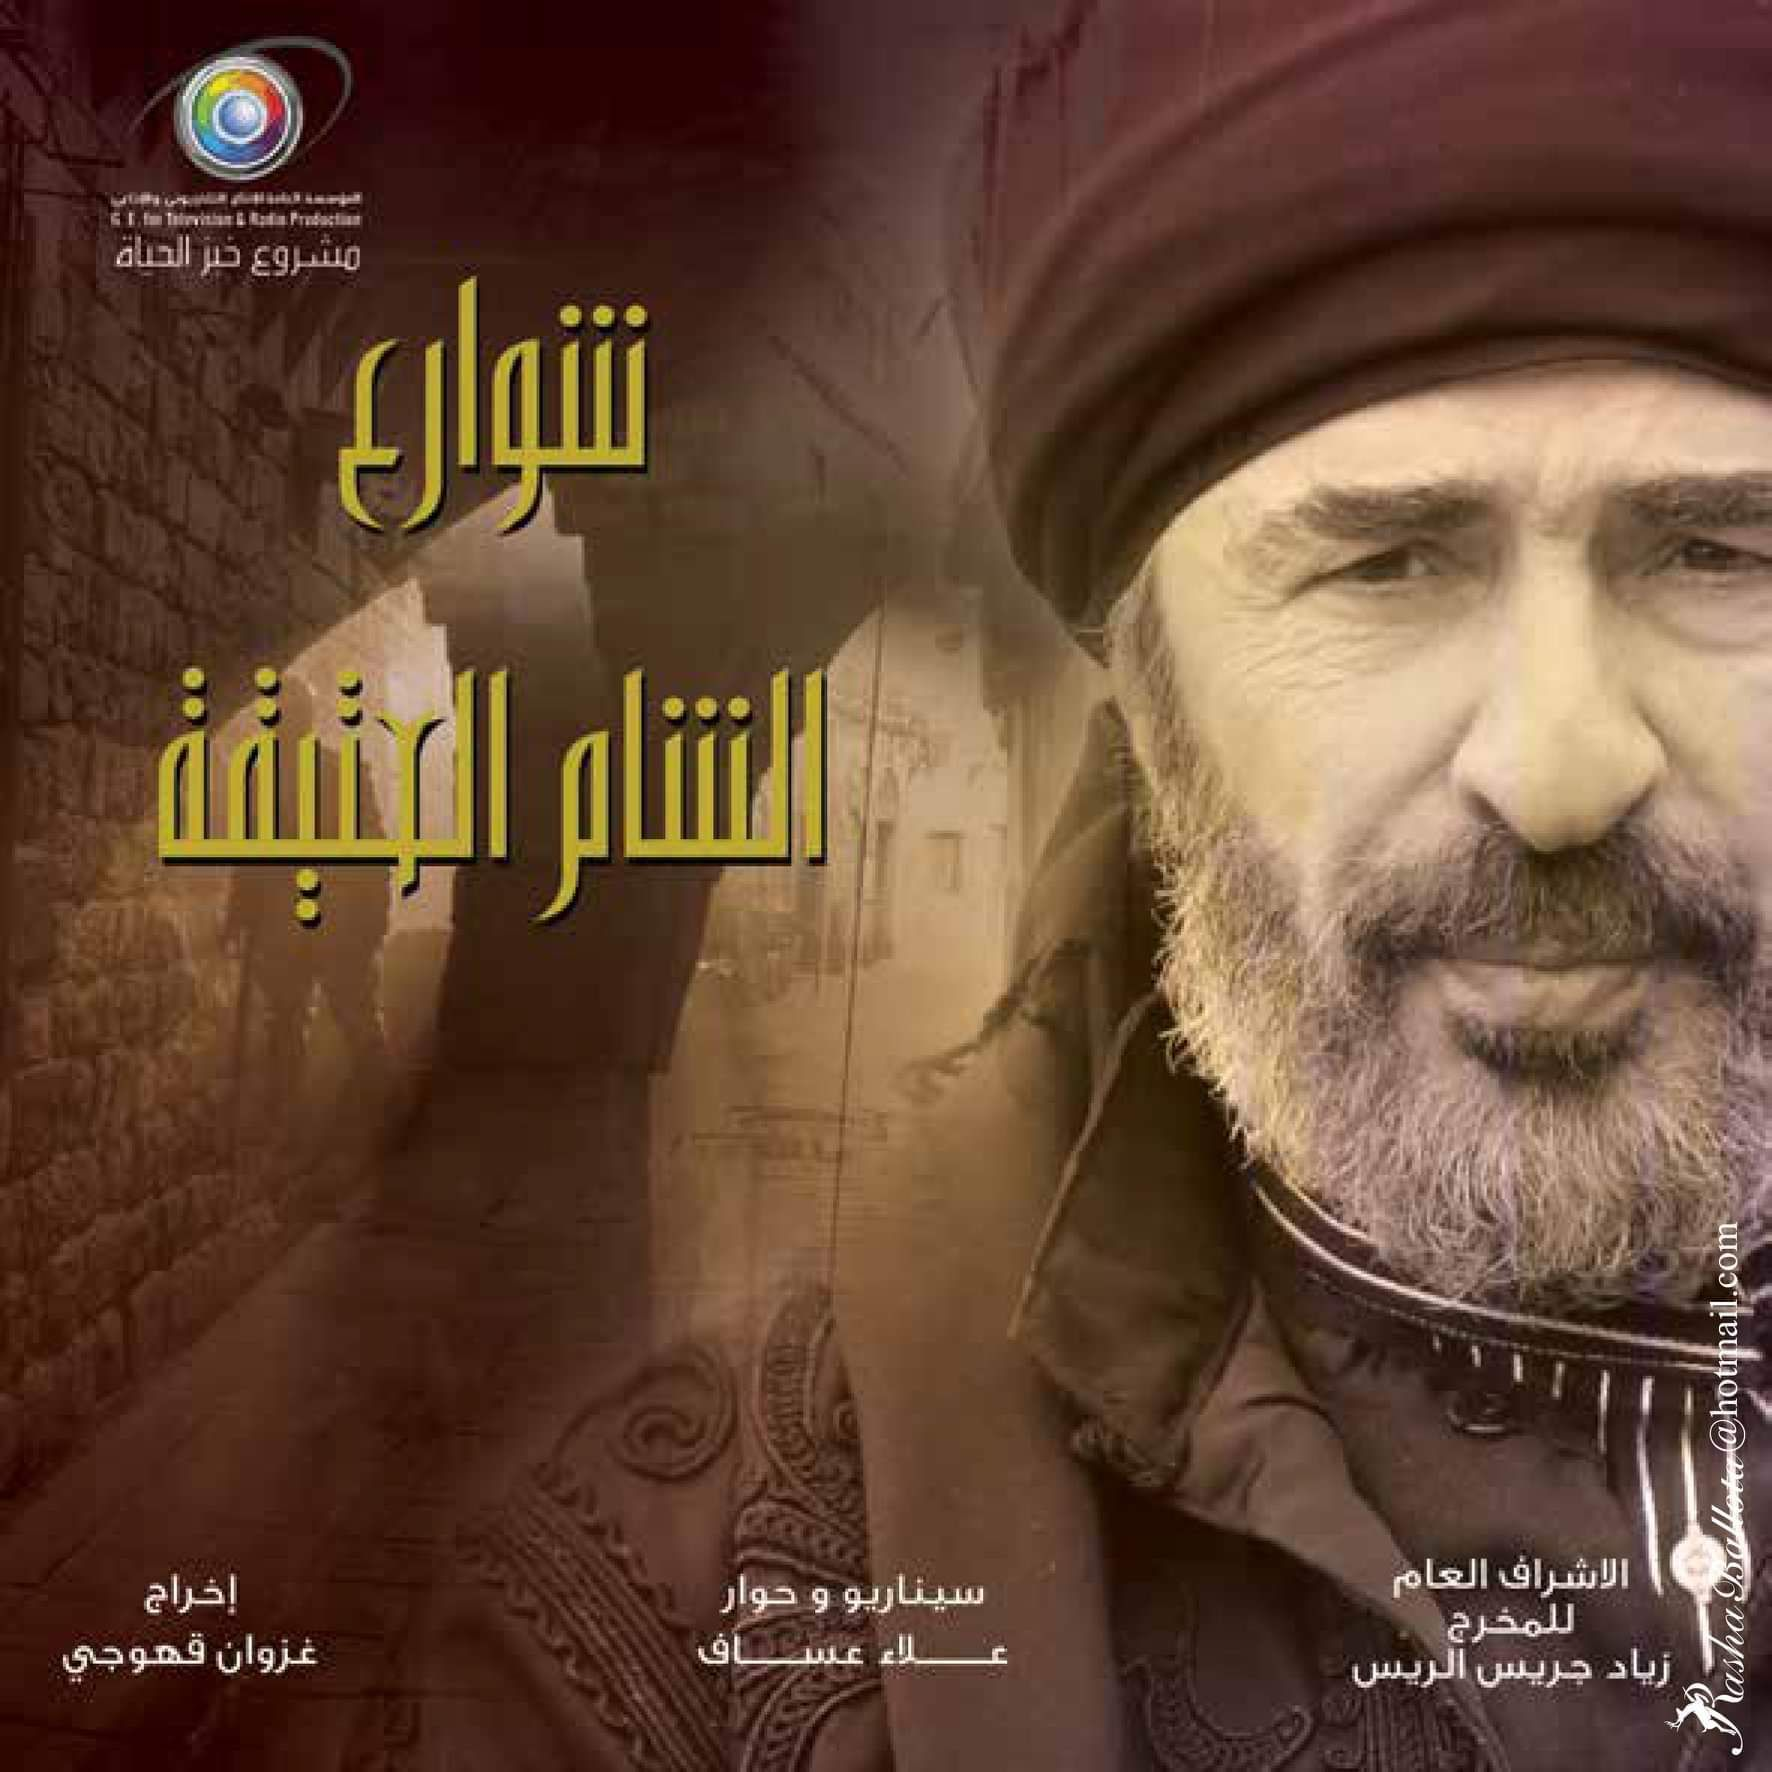 احداث وتفاصيل الحلقة 30 والاخيرة مسلسل شوارع الشام العتيقة رمضان 2019 Movie Posters Movies Poster